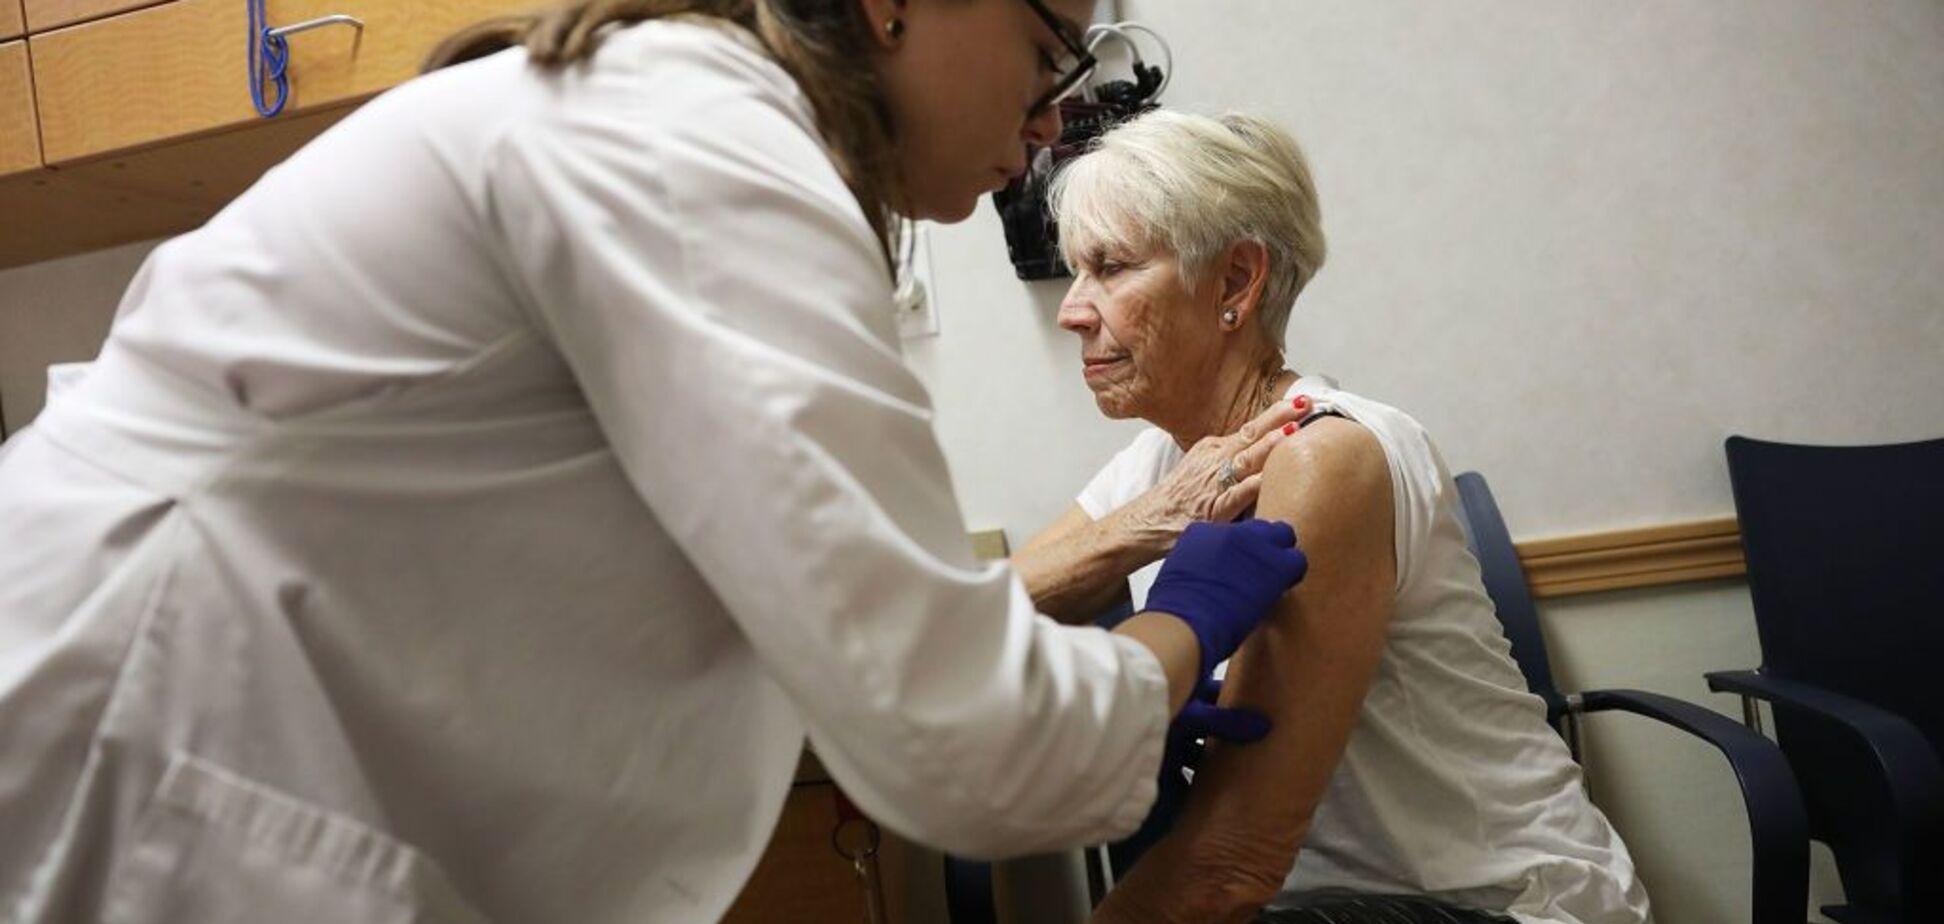 Супрун сказала, какие прививки нужно сделать взрослым: опубликован календарь